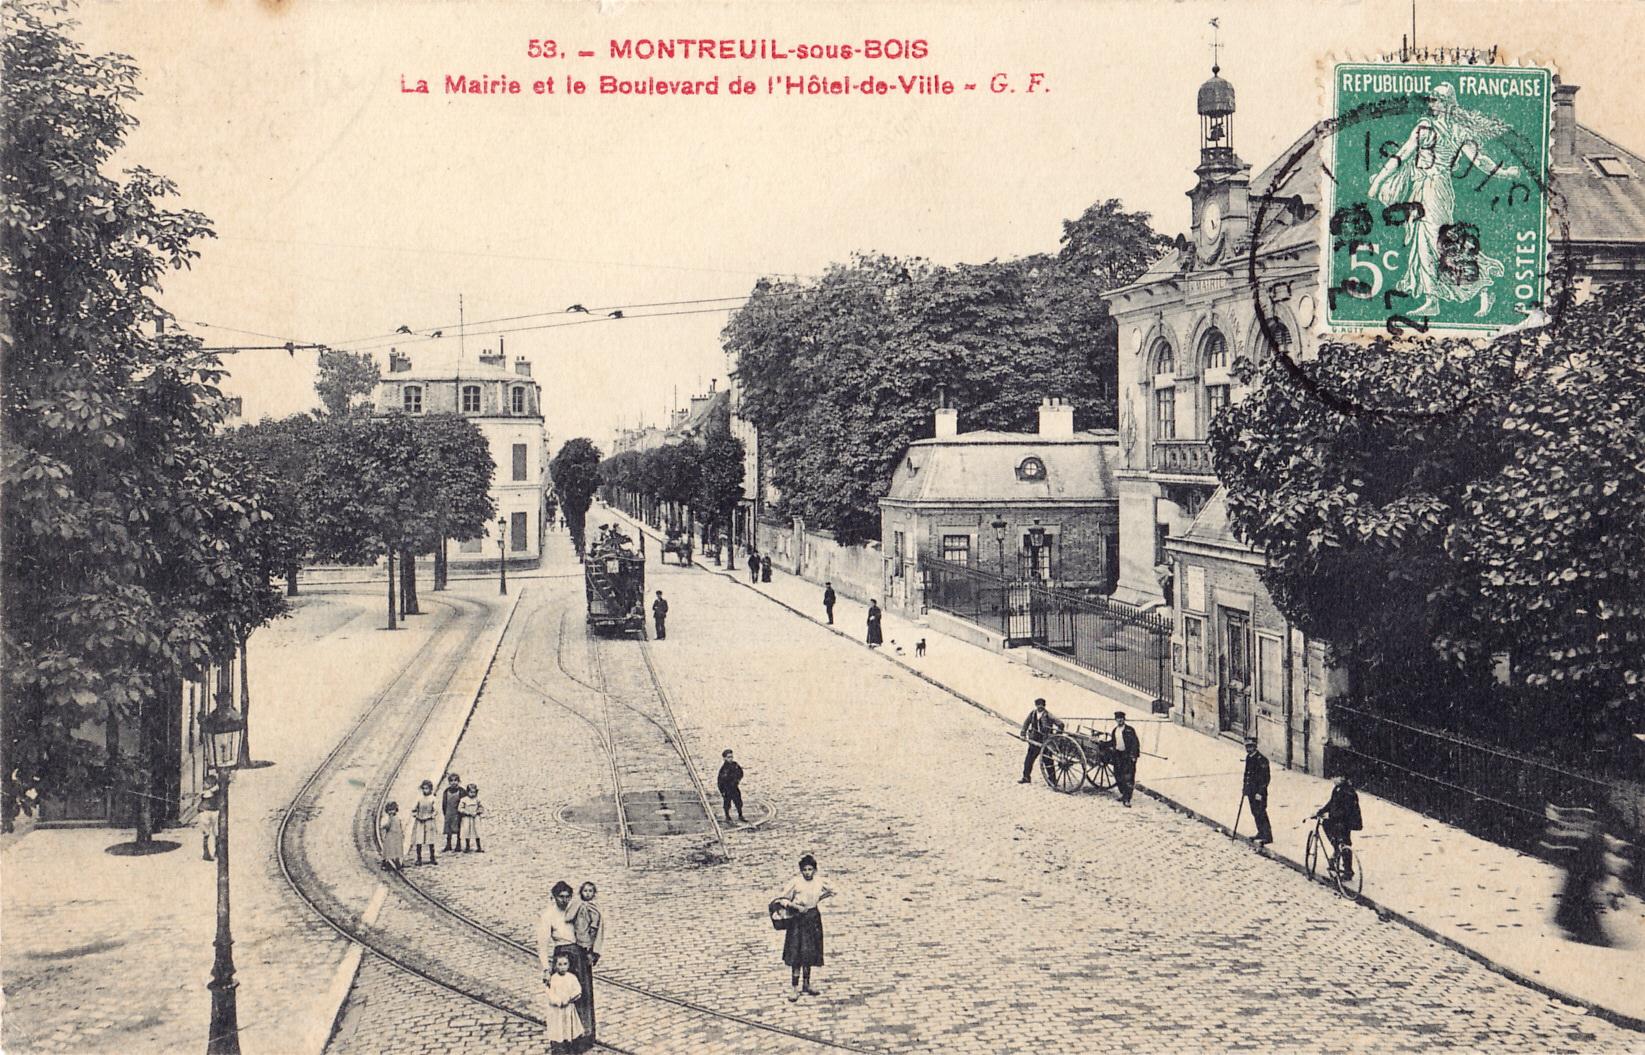 Commissariat De Montreuil Sous Bois u2013 Myqto com # Commissariat De Clichy Sous Bois